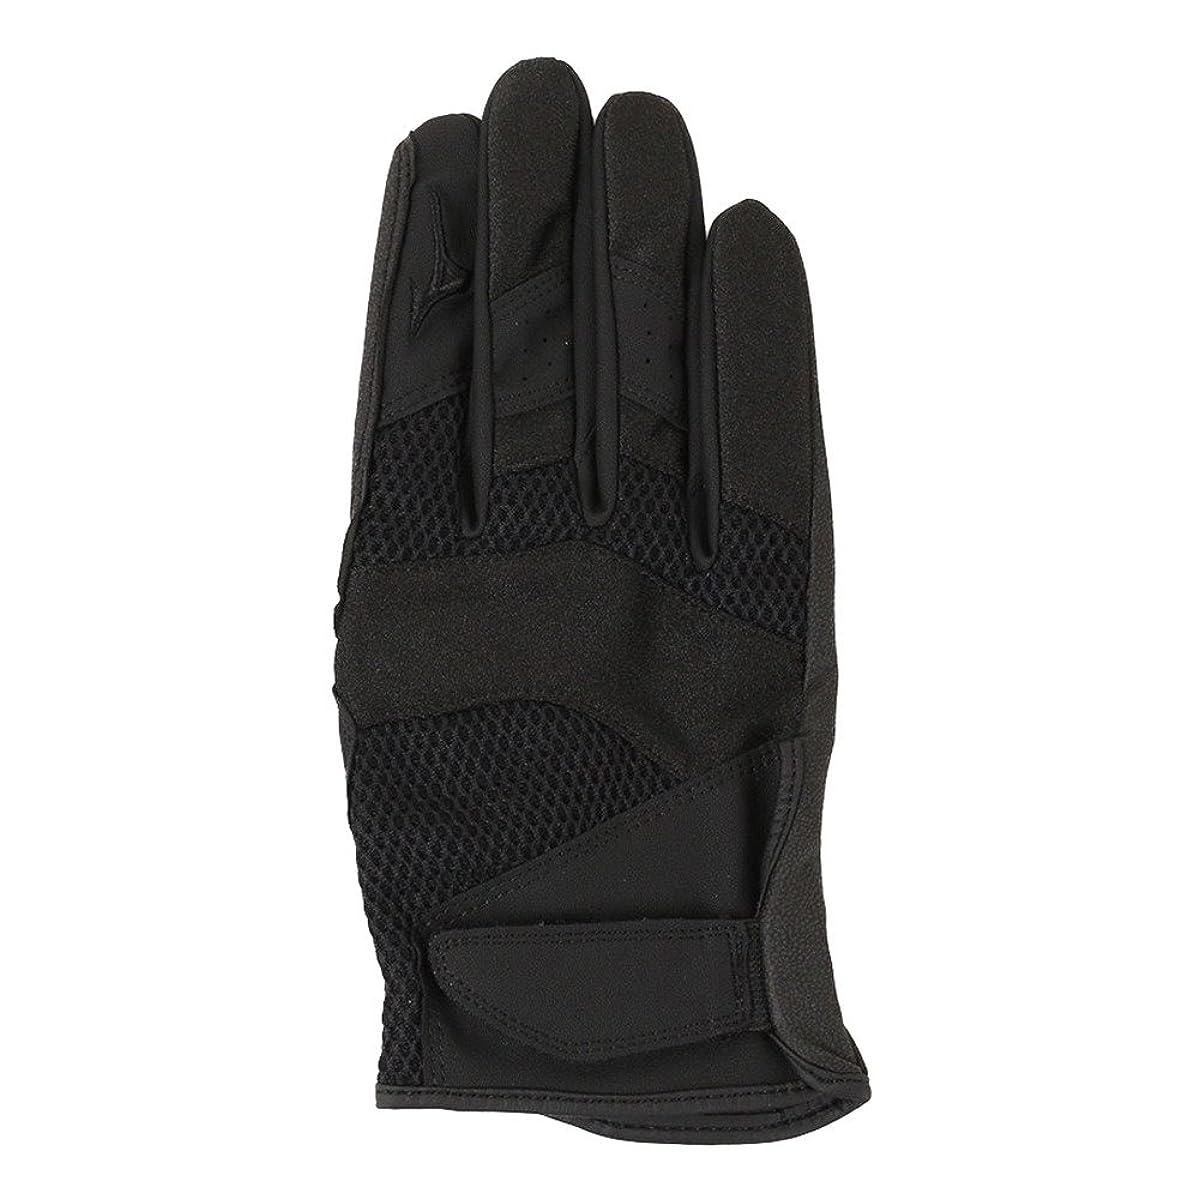 恐ろしいですガラガラ感性アシックス(asics) 高校野球対応 バッティンググローブ ダブルベルト 手袋 両手用 3121A247